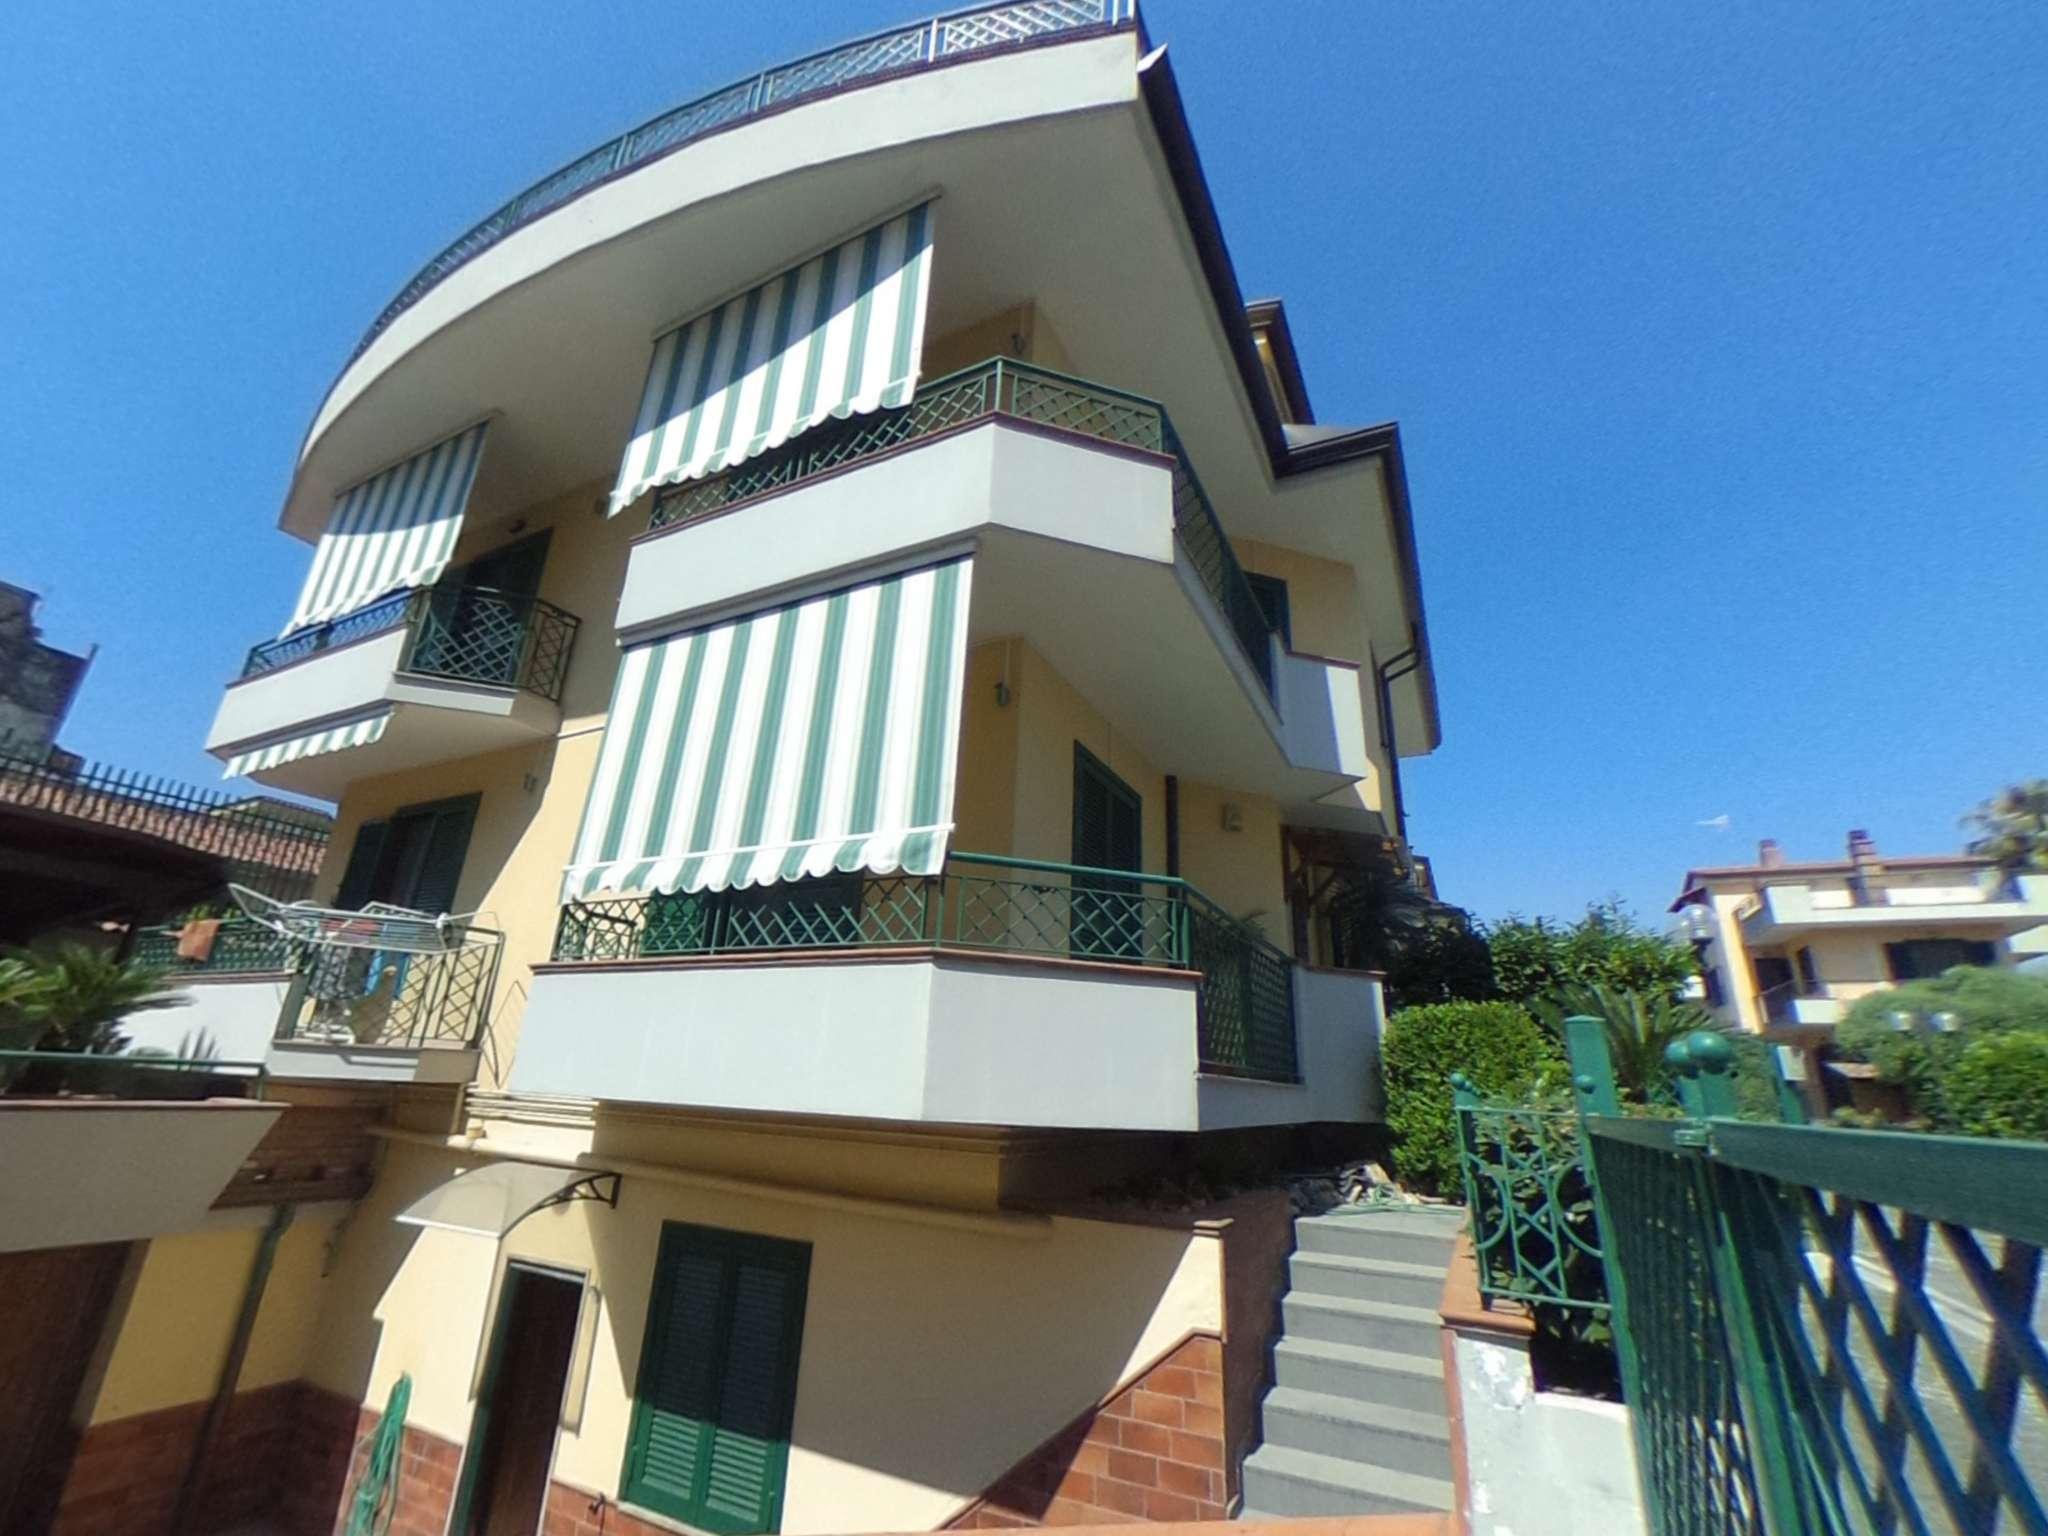 Villa in vendita a Nola, 10 locali, Trattative riservate | CambioCasa.it